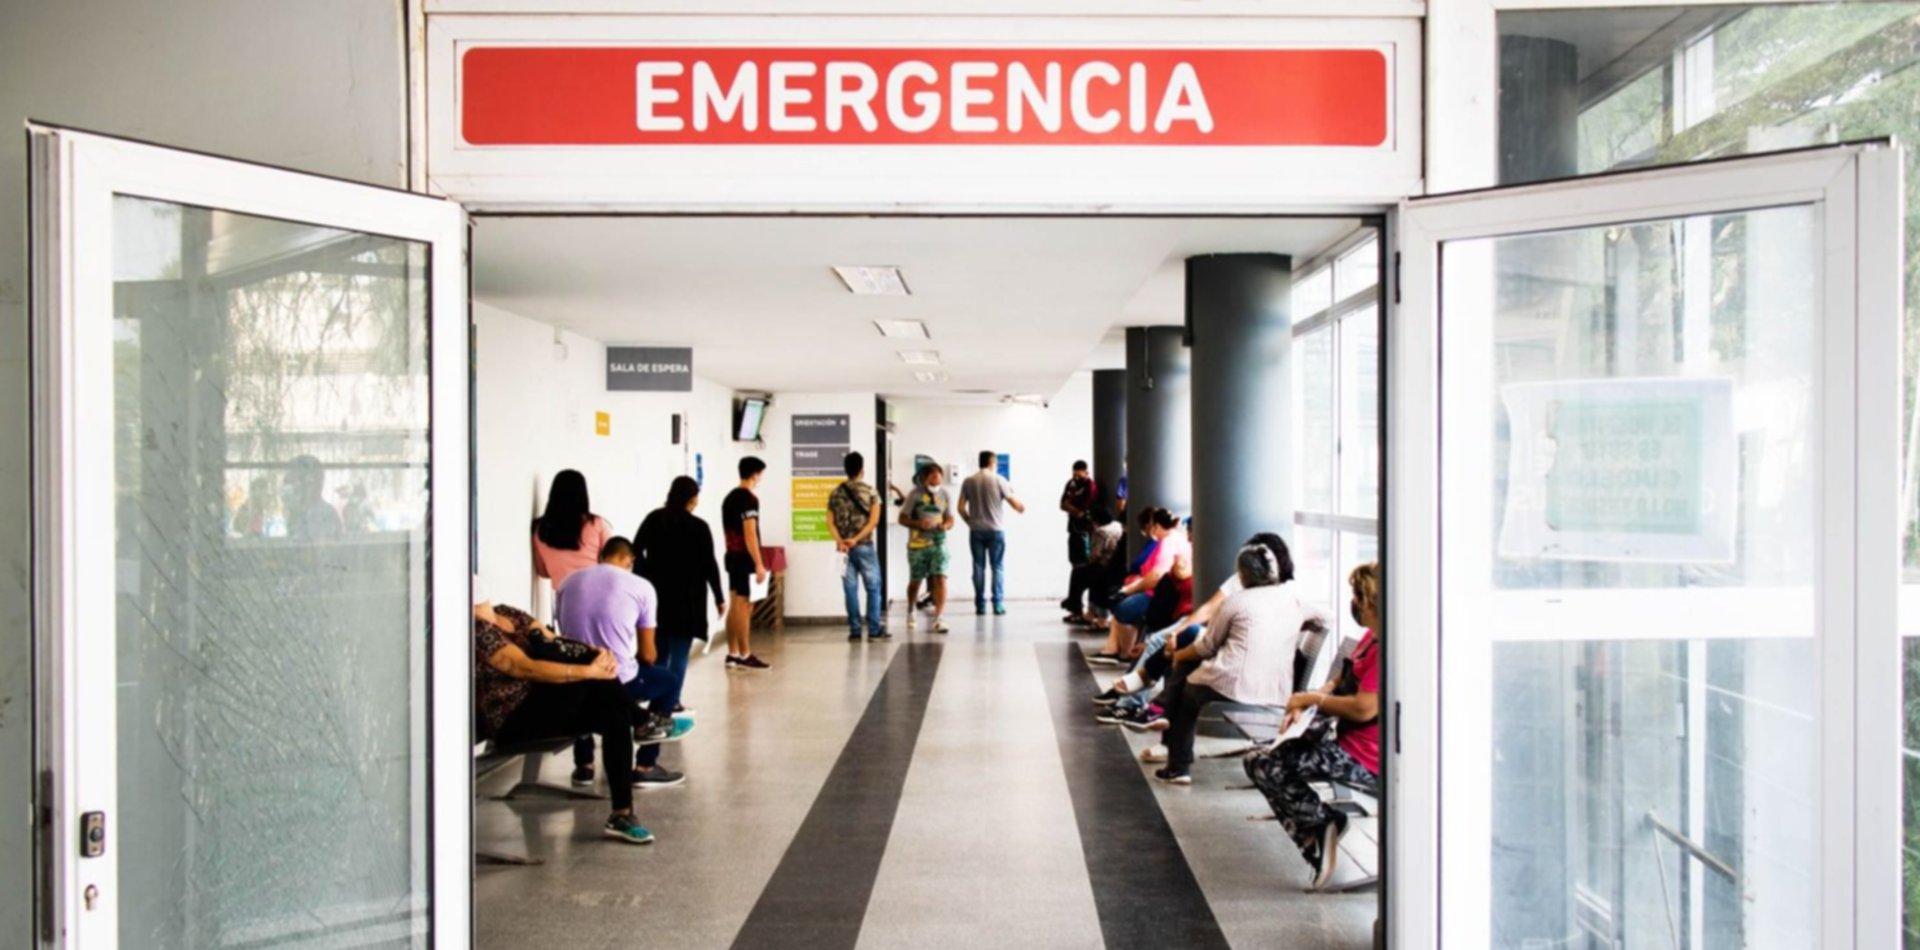 Los contagios de coronavirus siguen bajando pero el promedio de muertes diarias aumentó